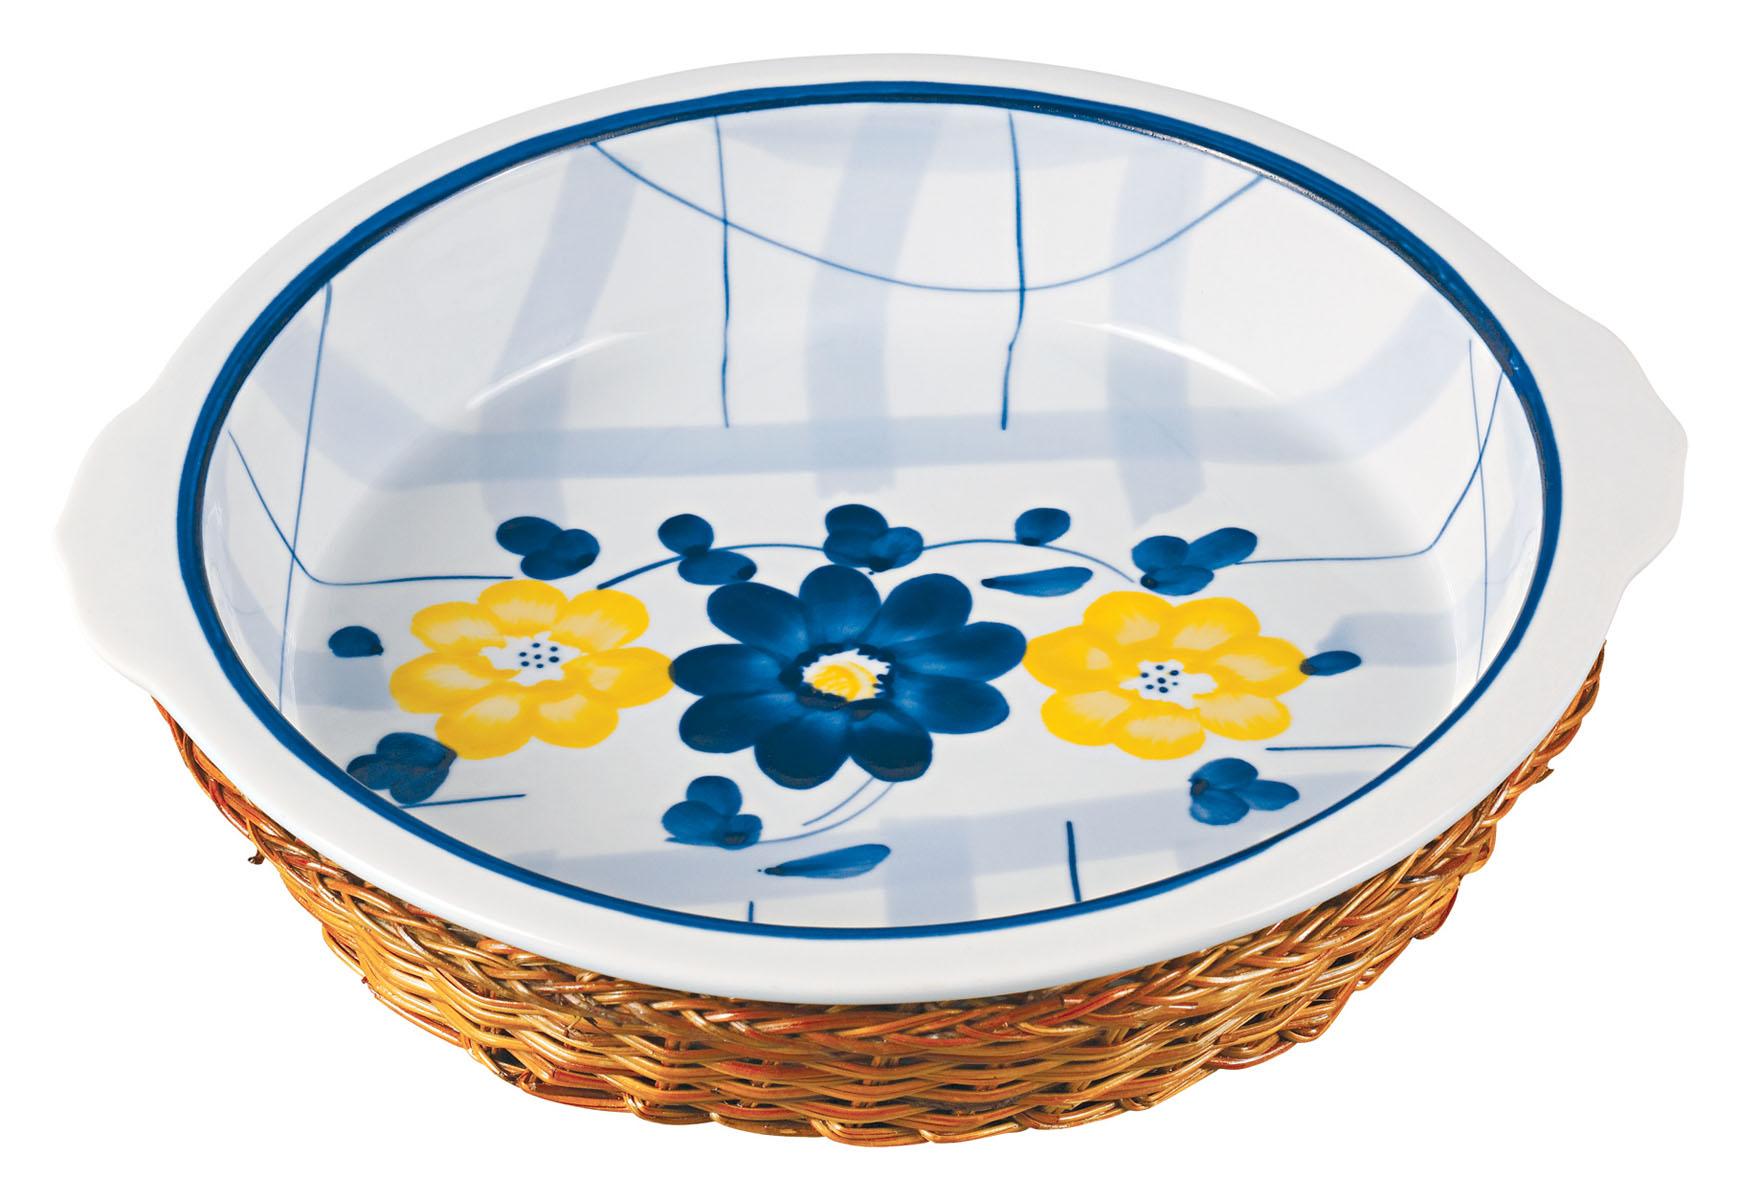 ����� Bekker Dish � ��������, �������, ����: �����, �����, 450 �� - BekkerBK-7330 (36)������� ����� Bekker Dish ����������� �� ������������������ ����������� �������� � ������������ ������������ ������. � �������� ������ �������� �������-���������, ������������� �� �������. ������� �� �������� �������� �������� ��� ��� ������������� ����, ��� � ��� ������ �� ����. �������� �� �������� ������ � ������. � ����� ������ �� ������ ������� ���������� ����� ������� ������������ ������. ����� ����� ������������ � ������� � ������������� ����. ����� ���� � ������������� ������.